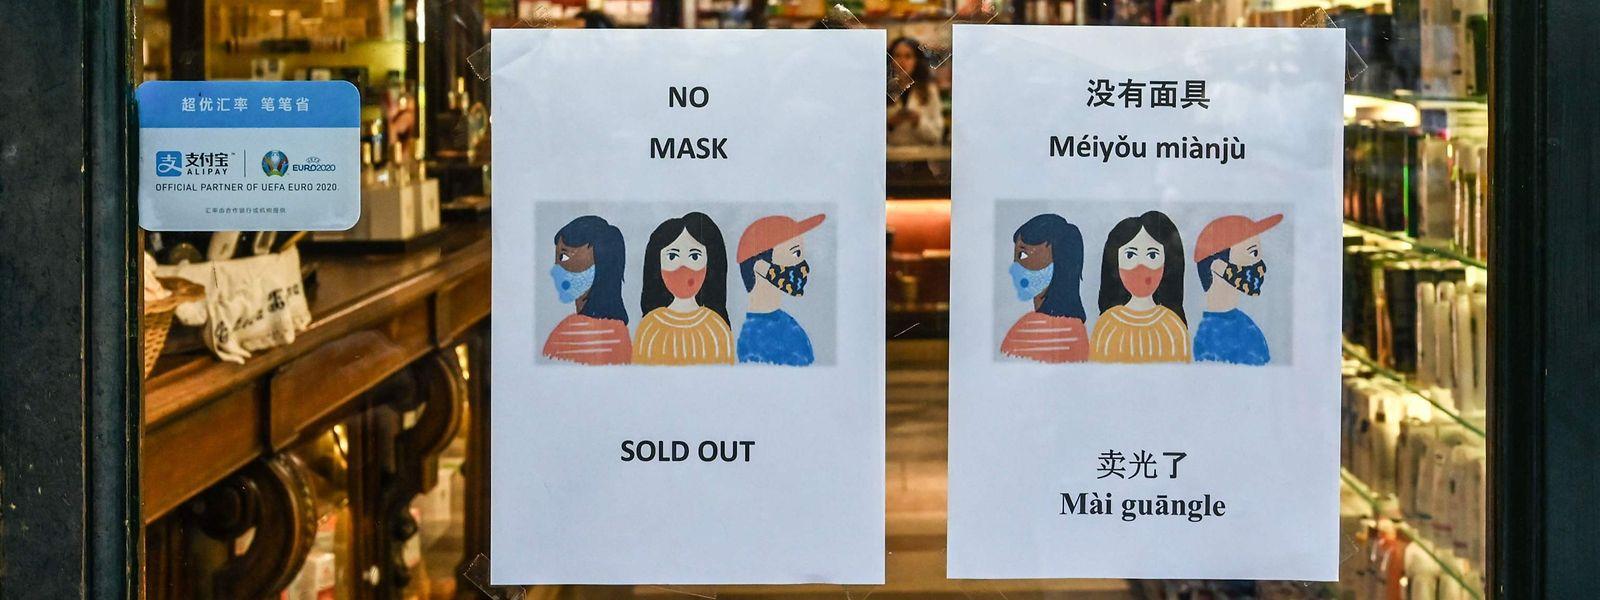 En Italie, certaines pharmacies sont en rupture de stock de masques de protection.